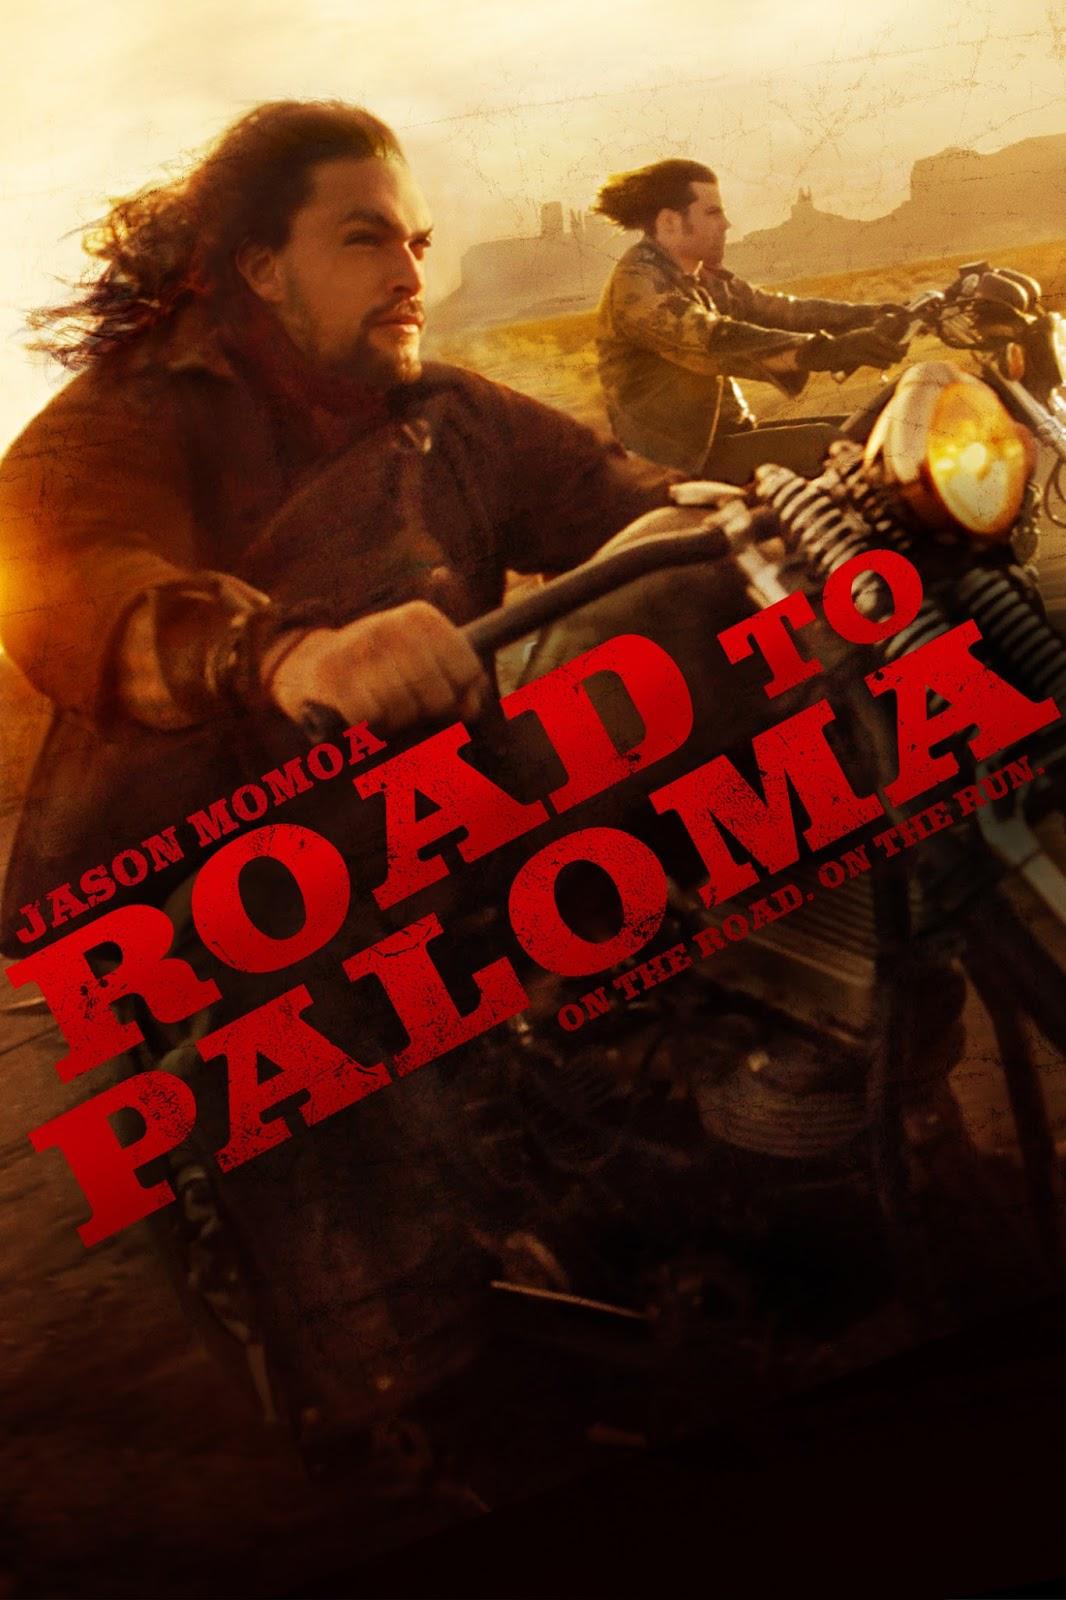 Road to Paloma ถนนคนแค้น [HD][พากย์ไทย]